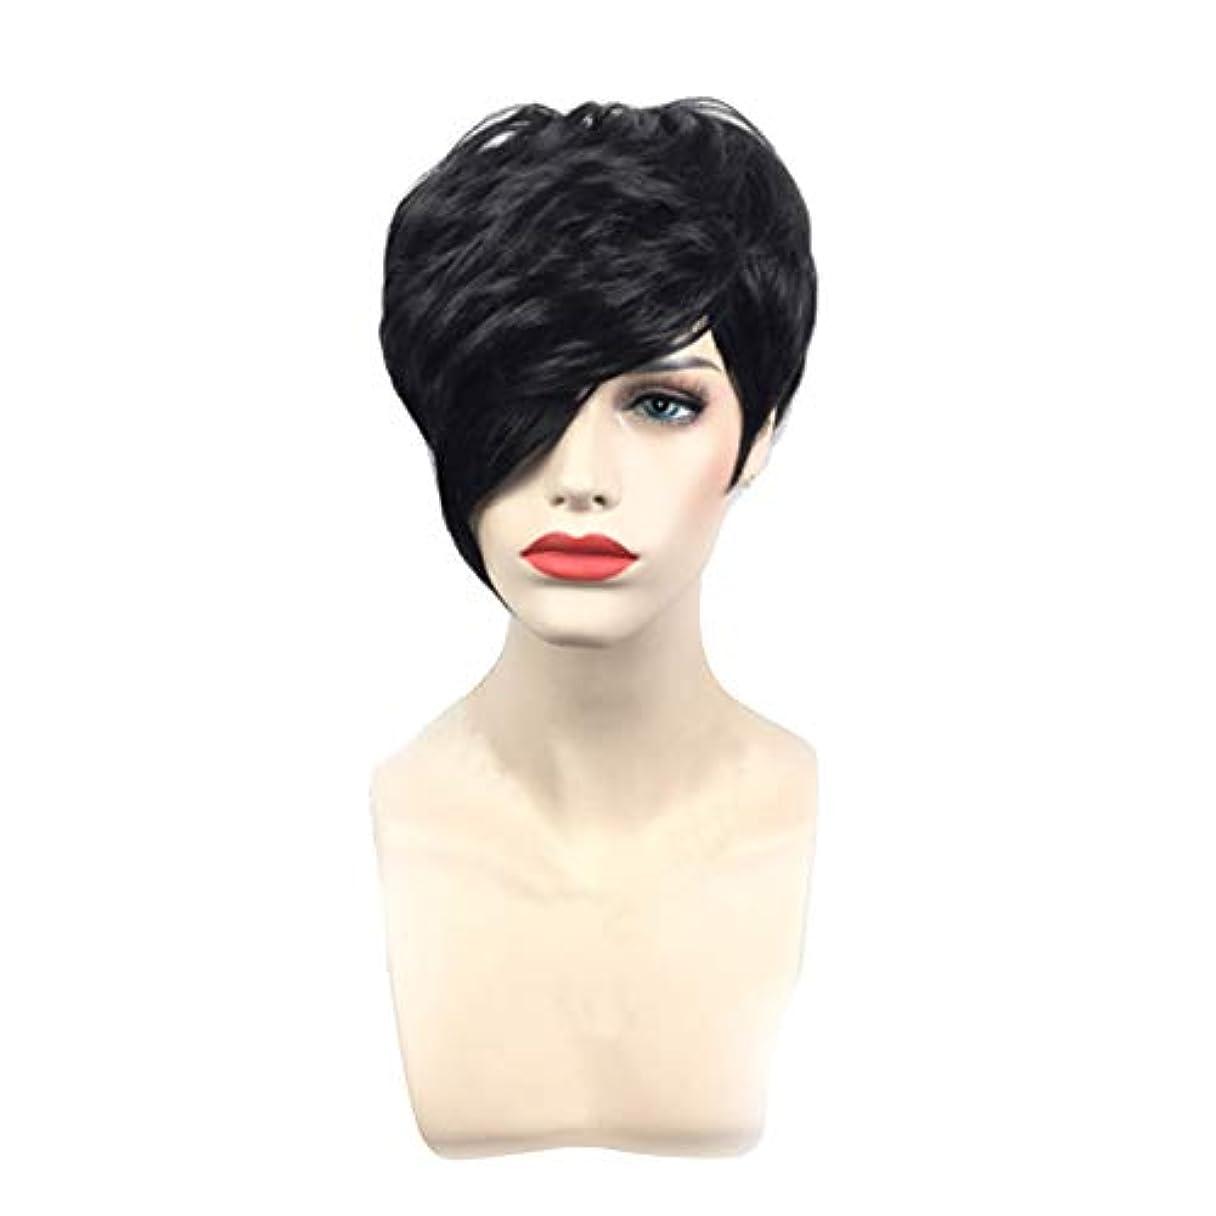 農業放散する容疑者黒の短いストレートヘアフルウィッグファッションコス小道具かつら